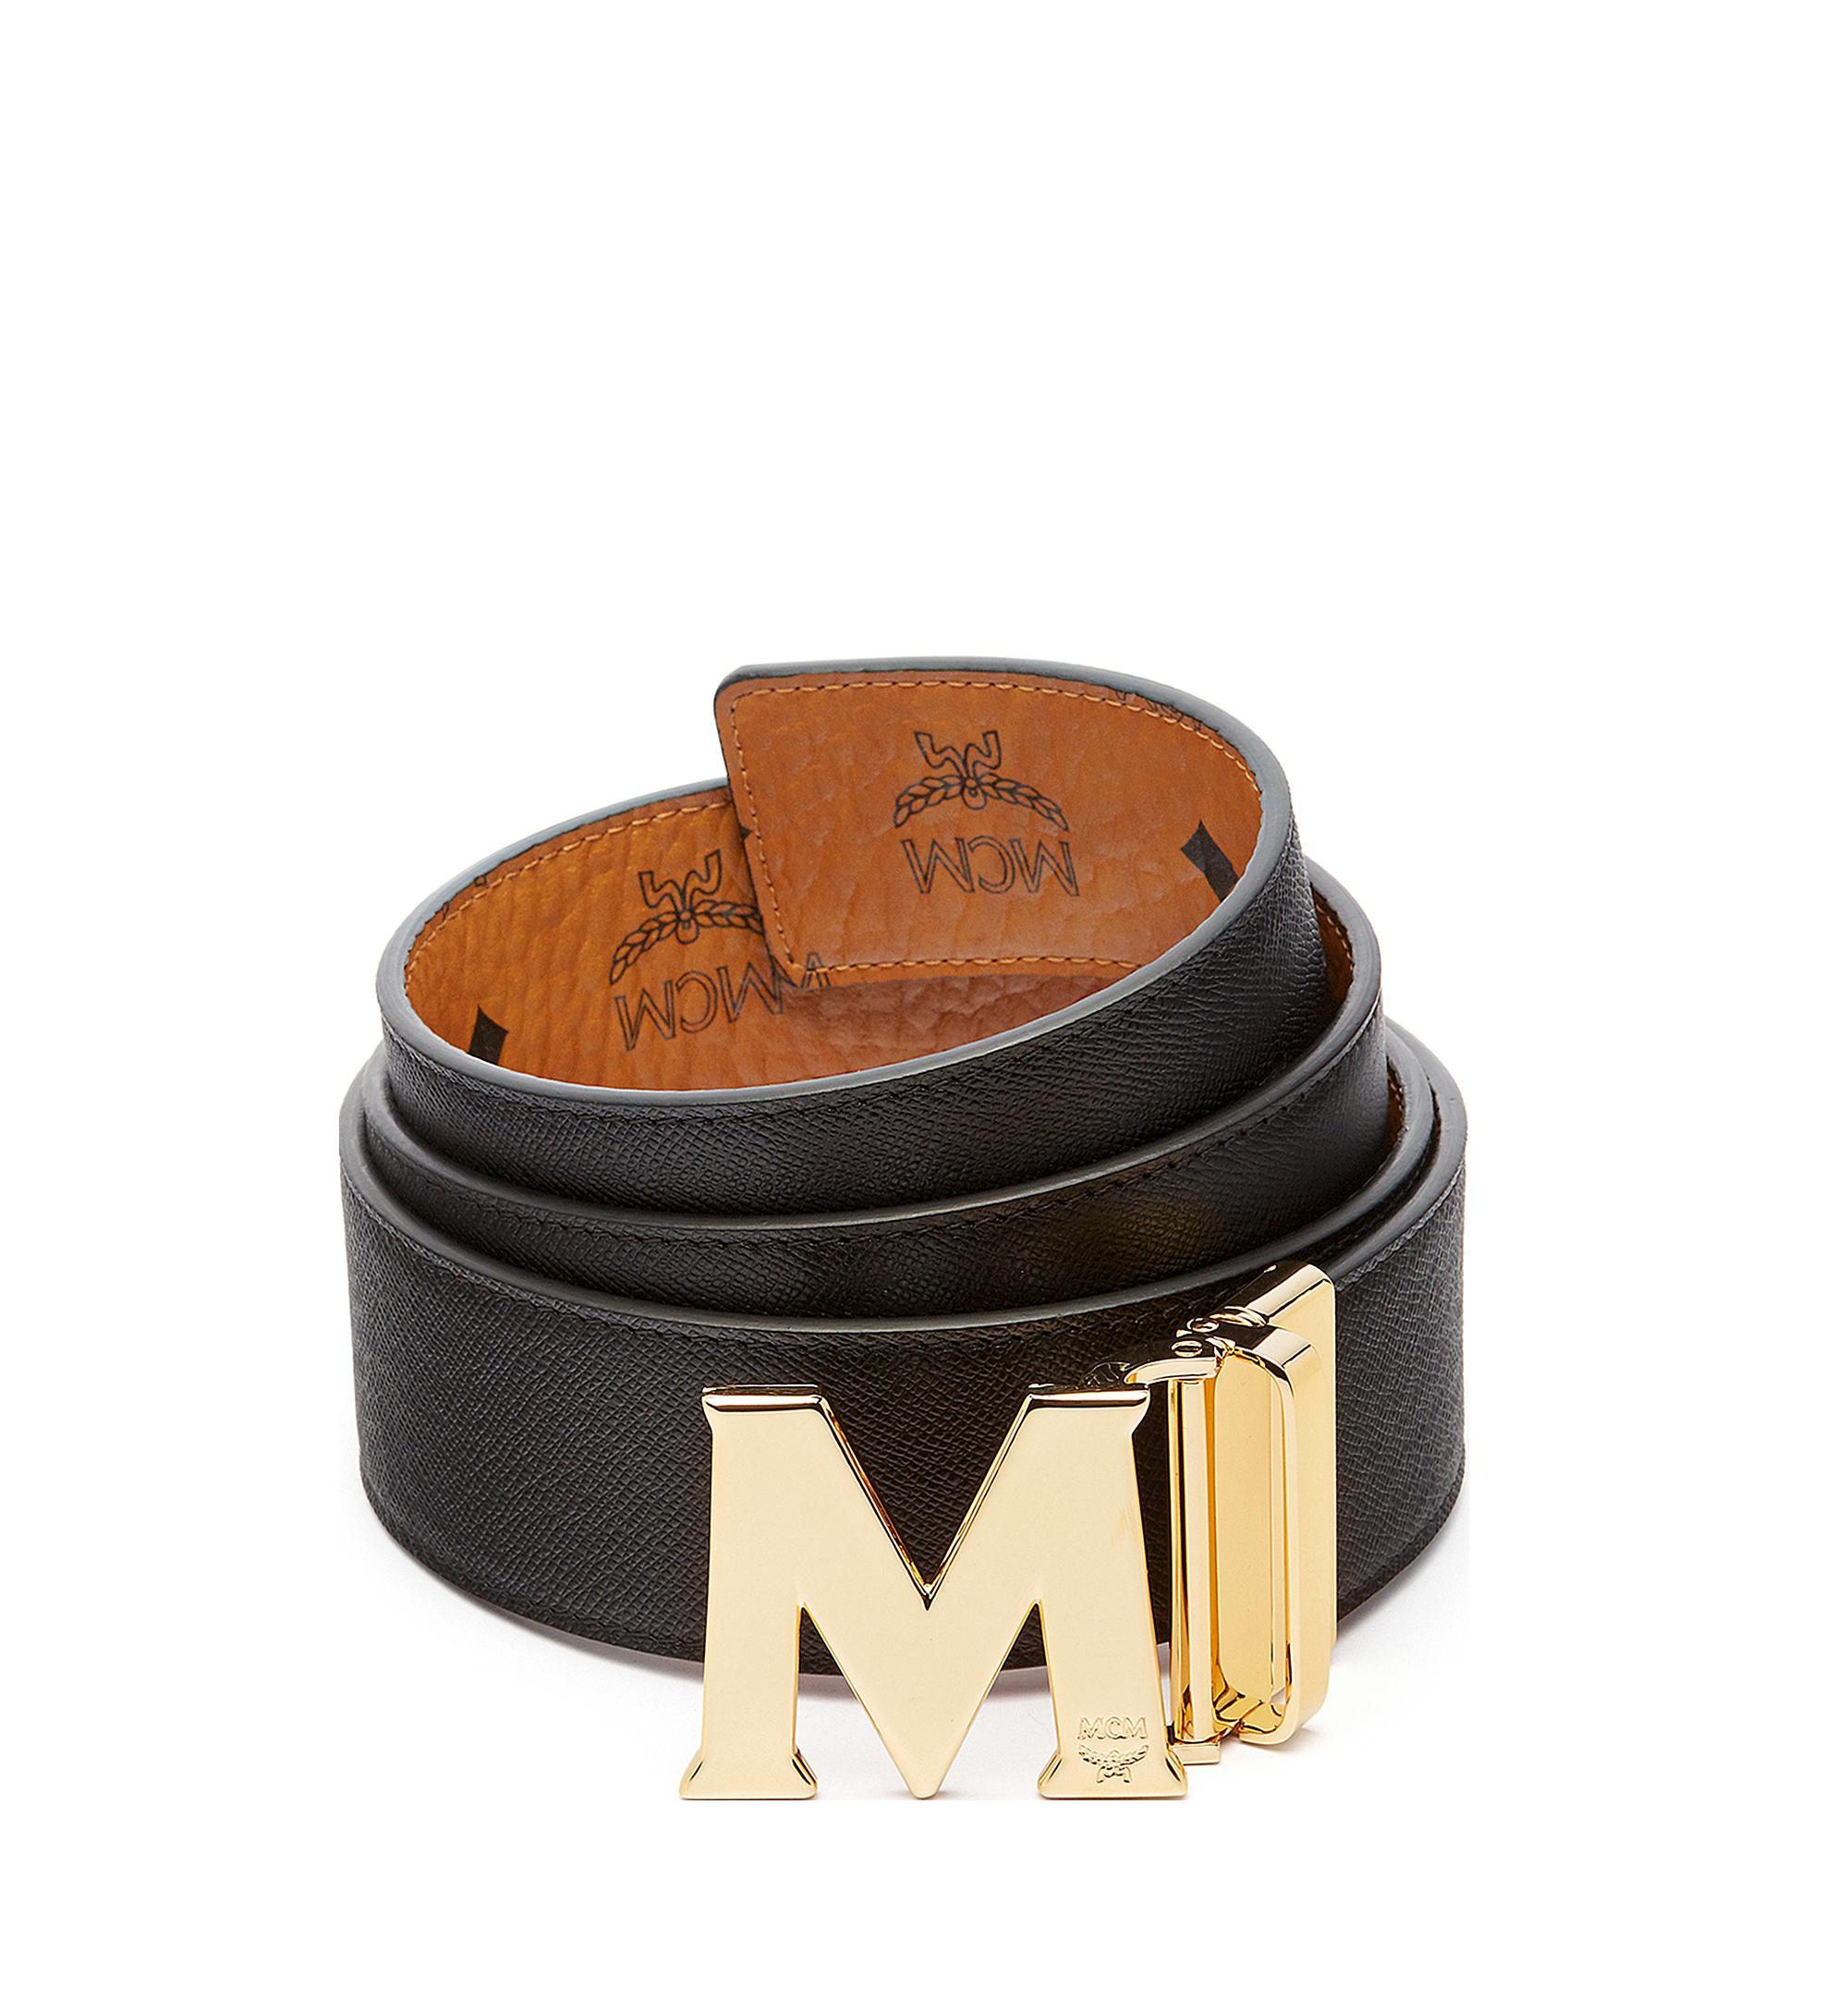 Claus M Reversible Belt 1.75